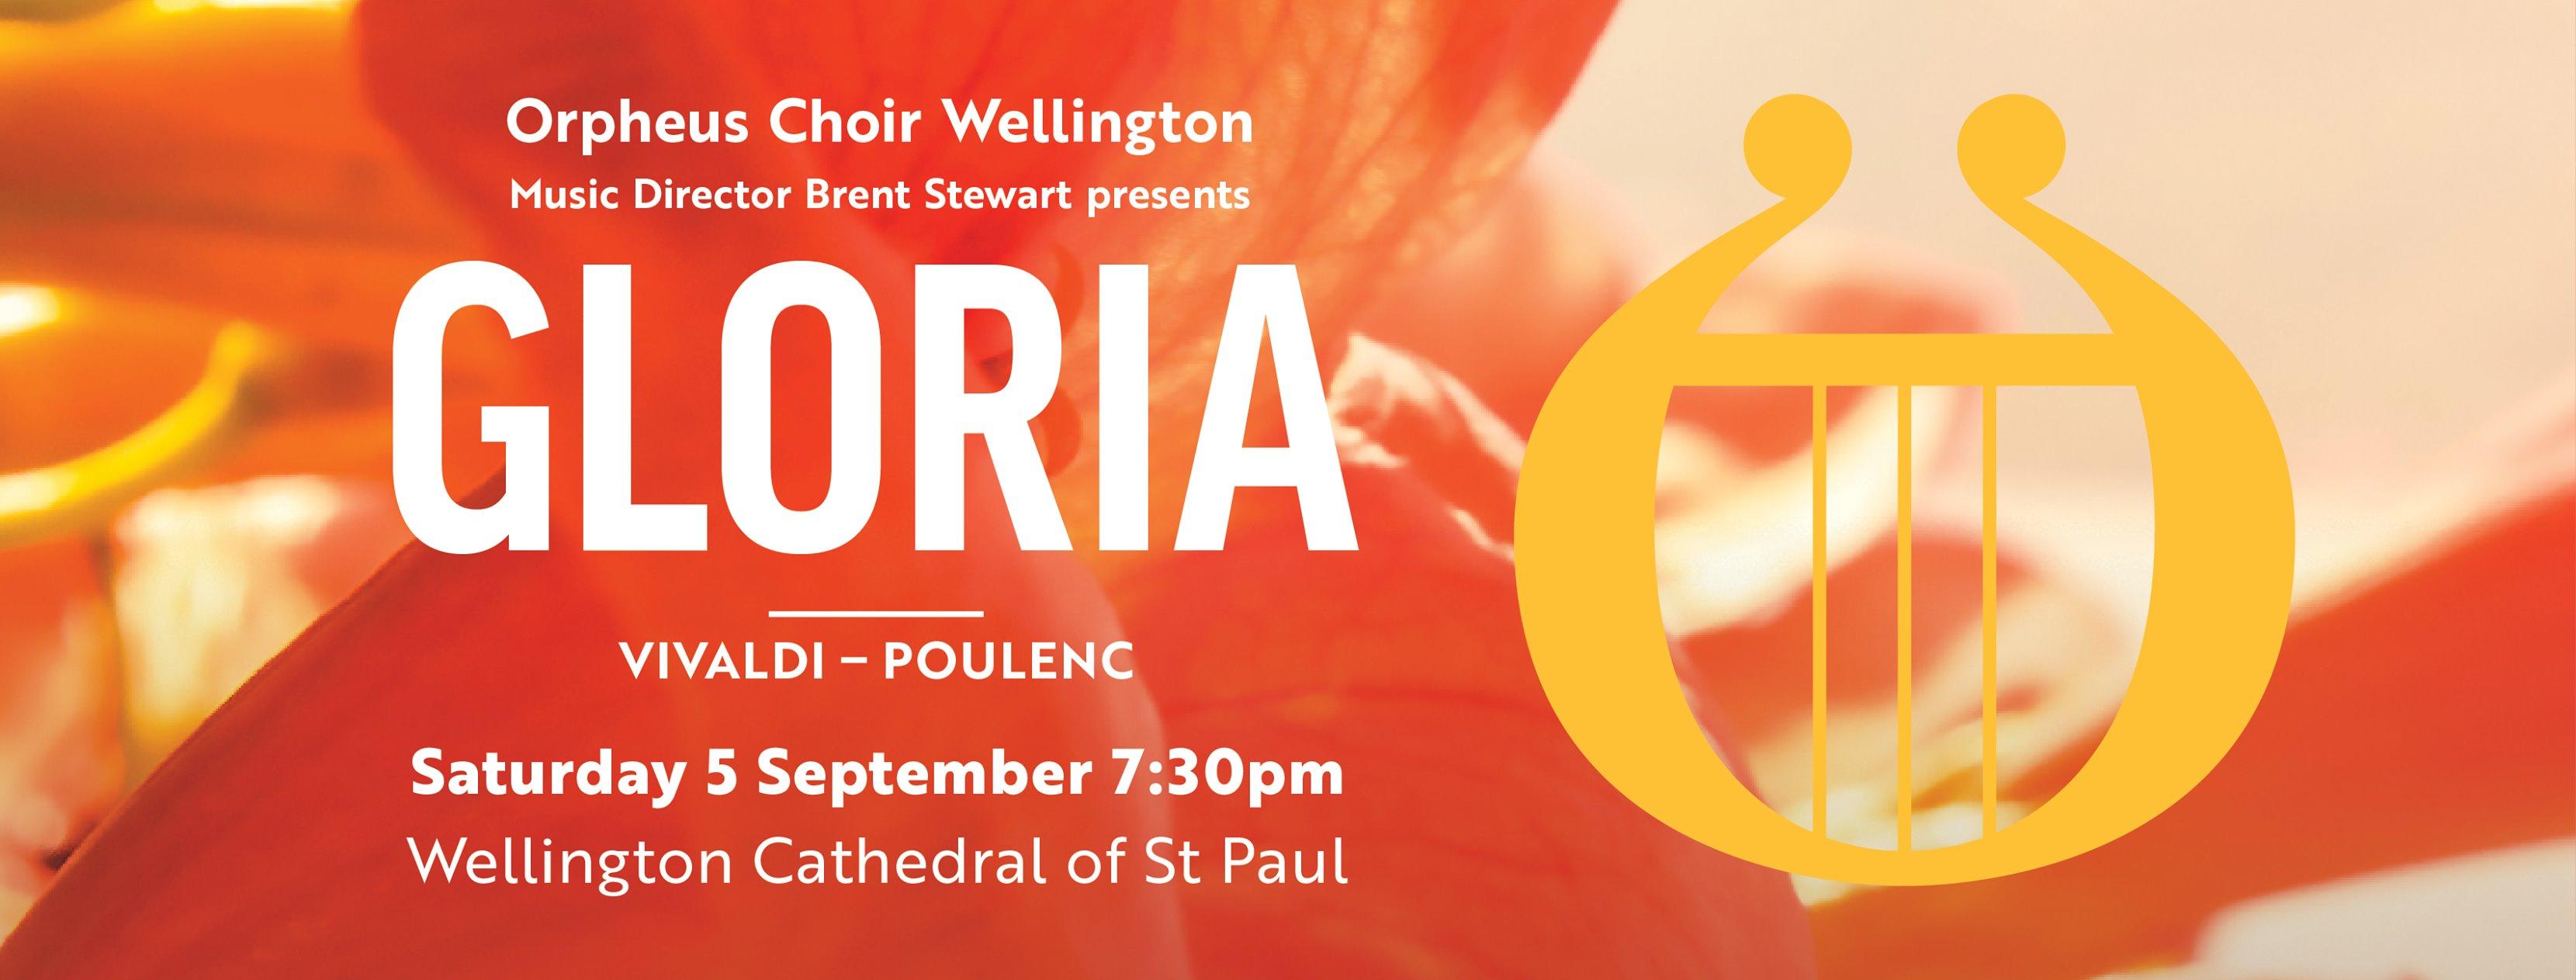 Orpheus Concert - Gloria